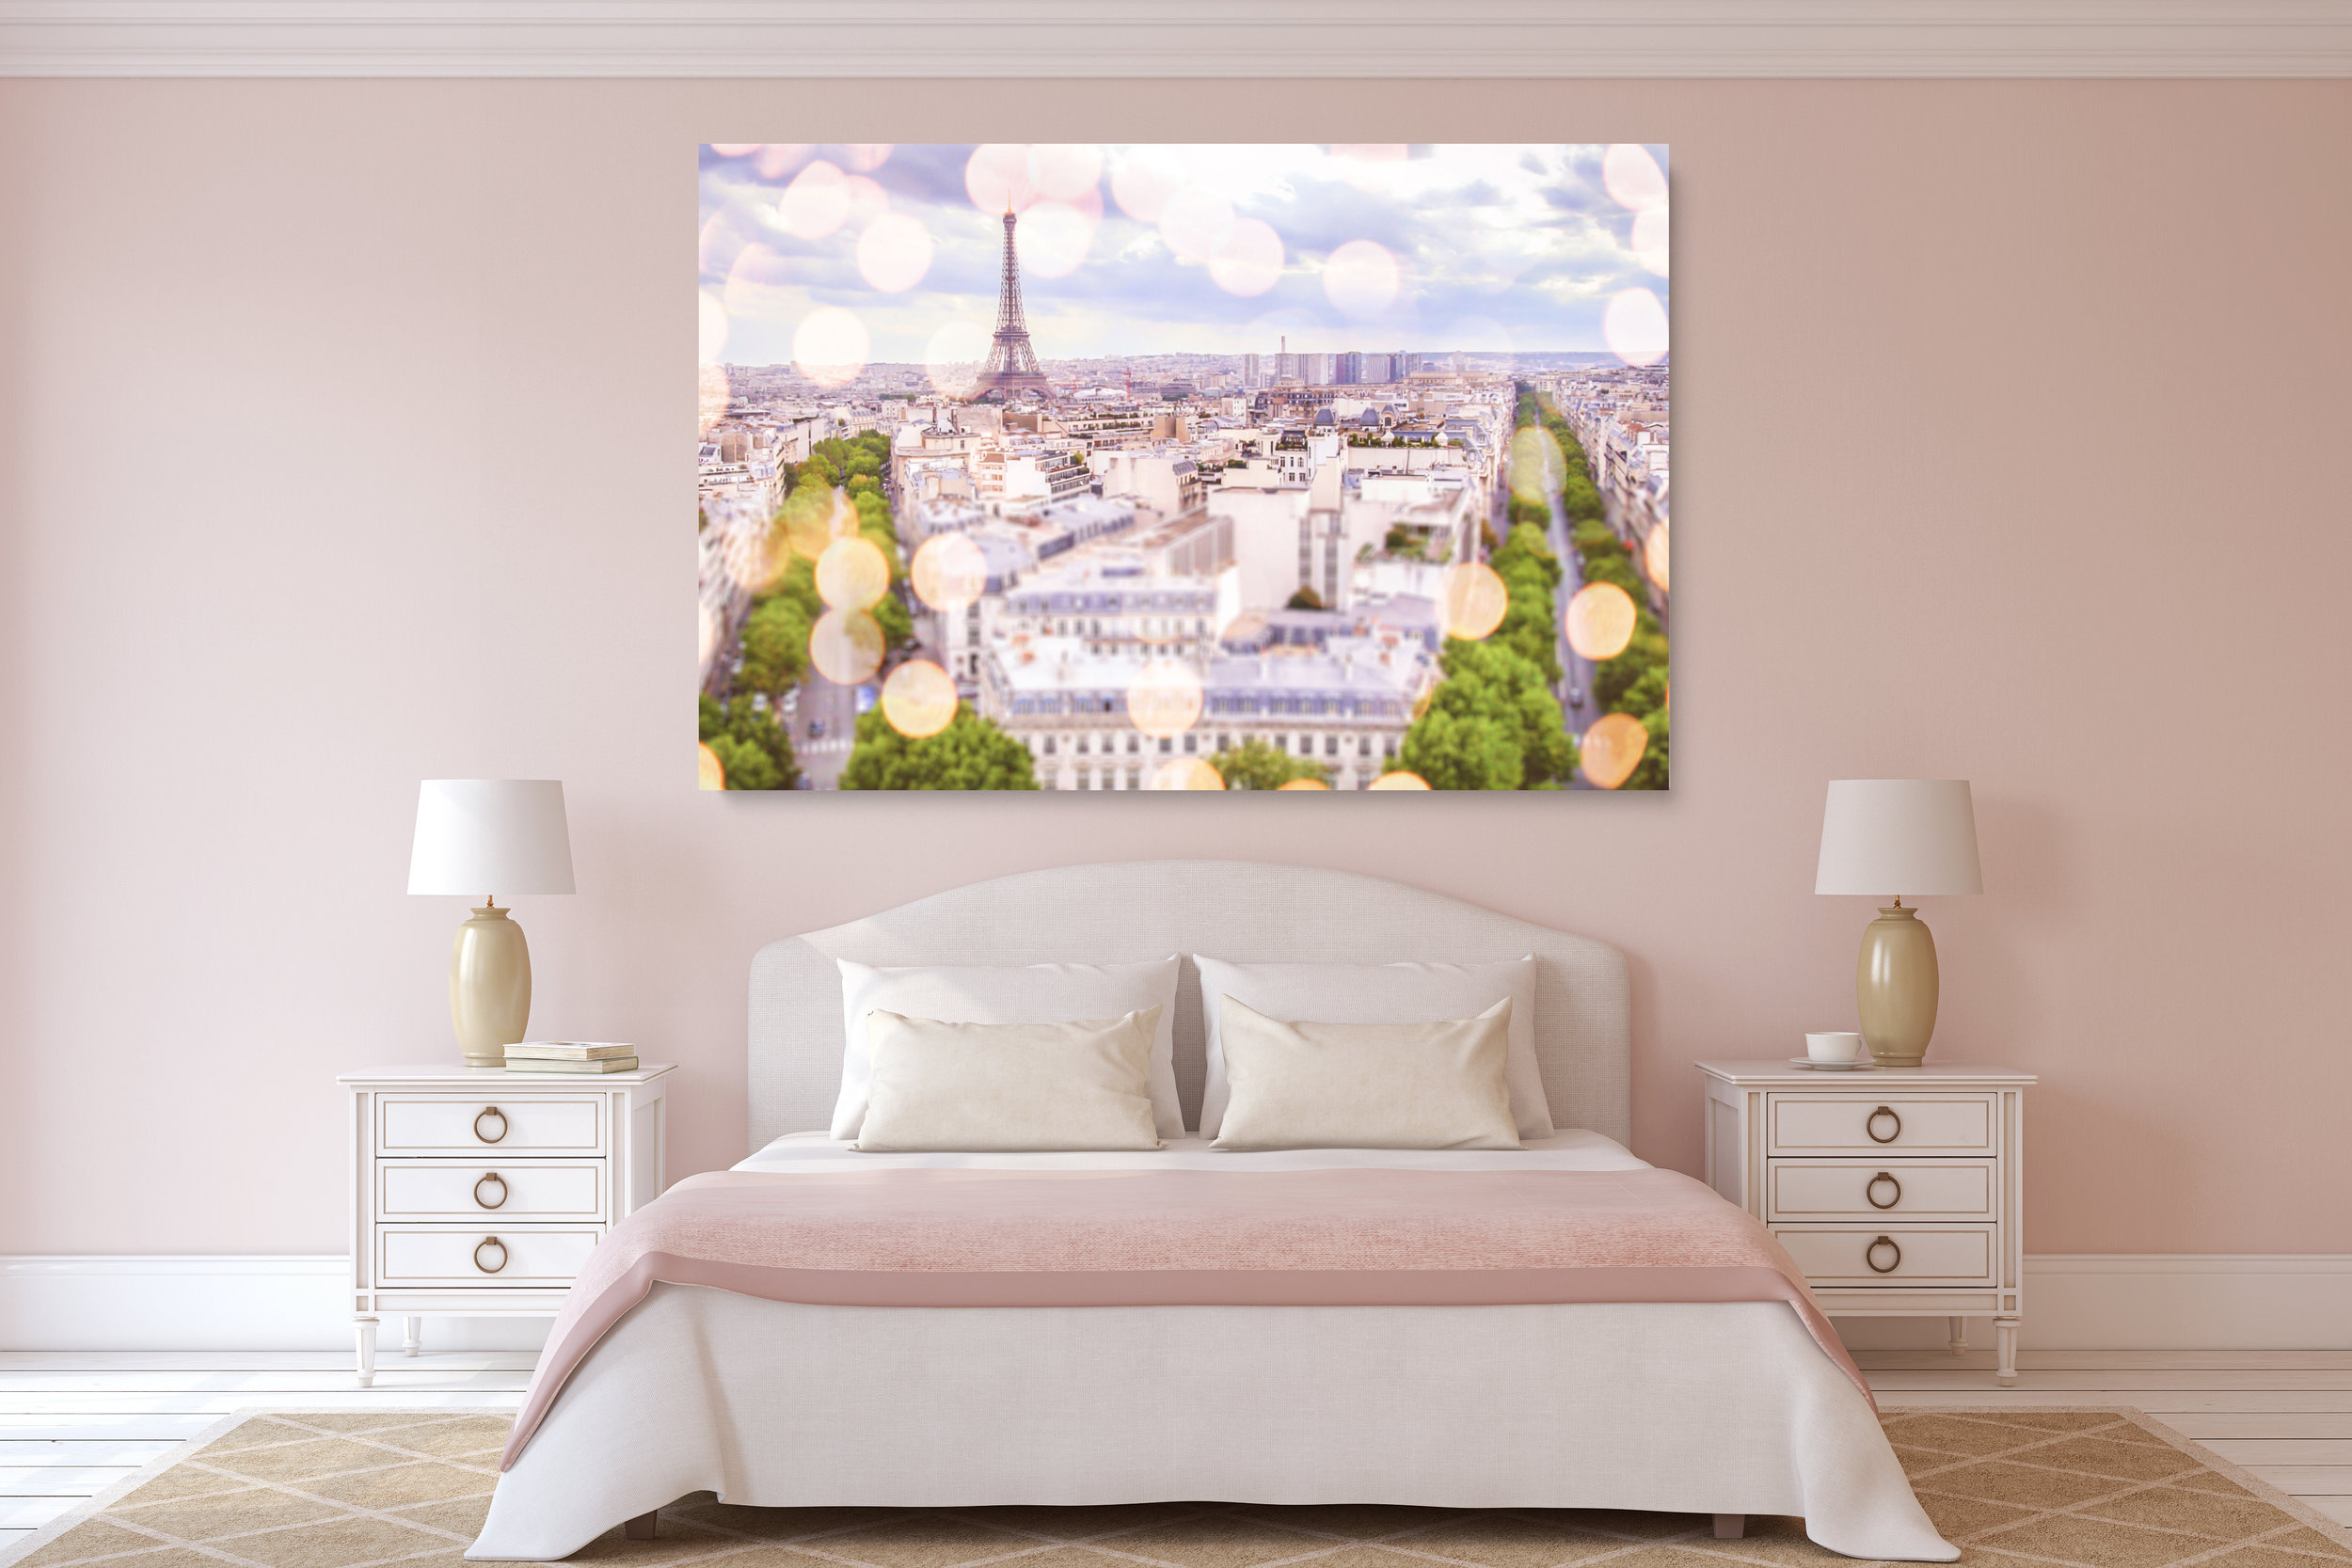 10*Eiffel Tower Bedroom Sample.jpg